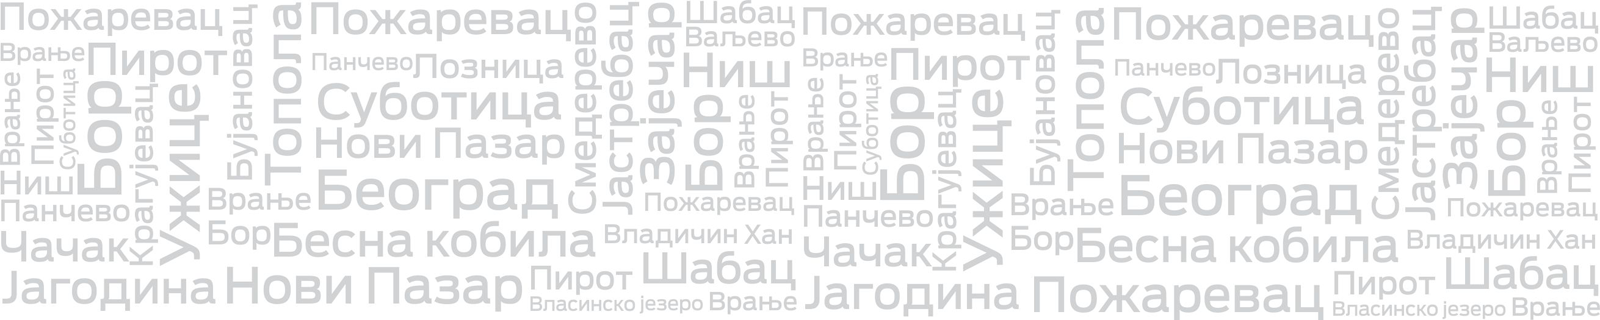 odsrca_back